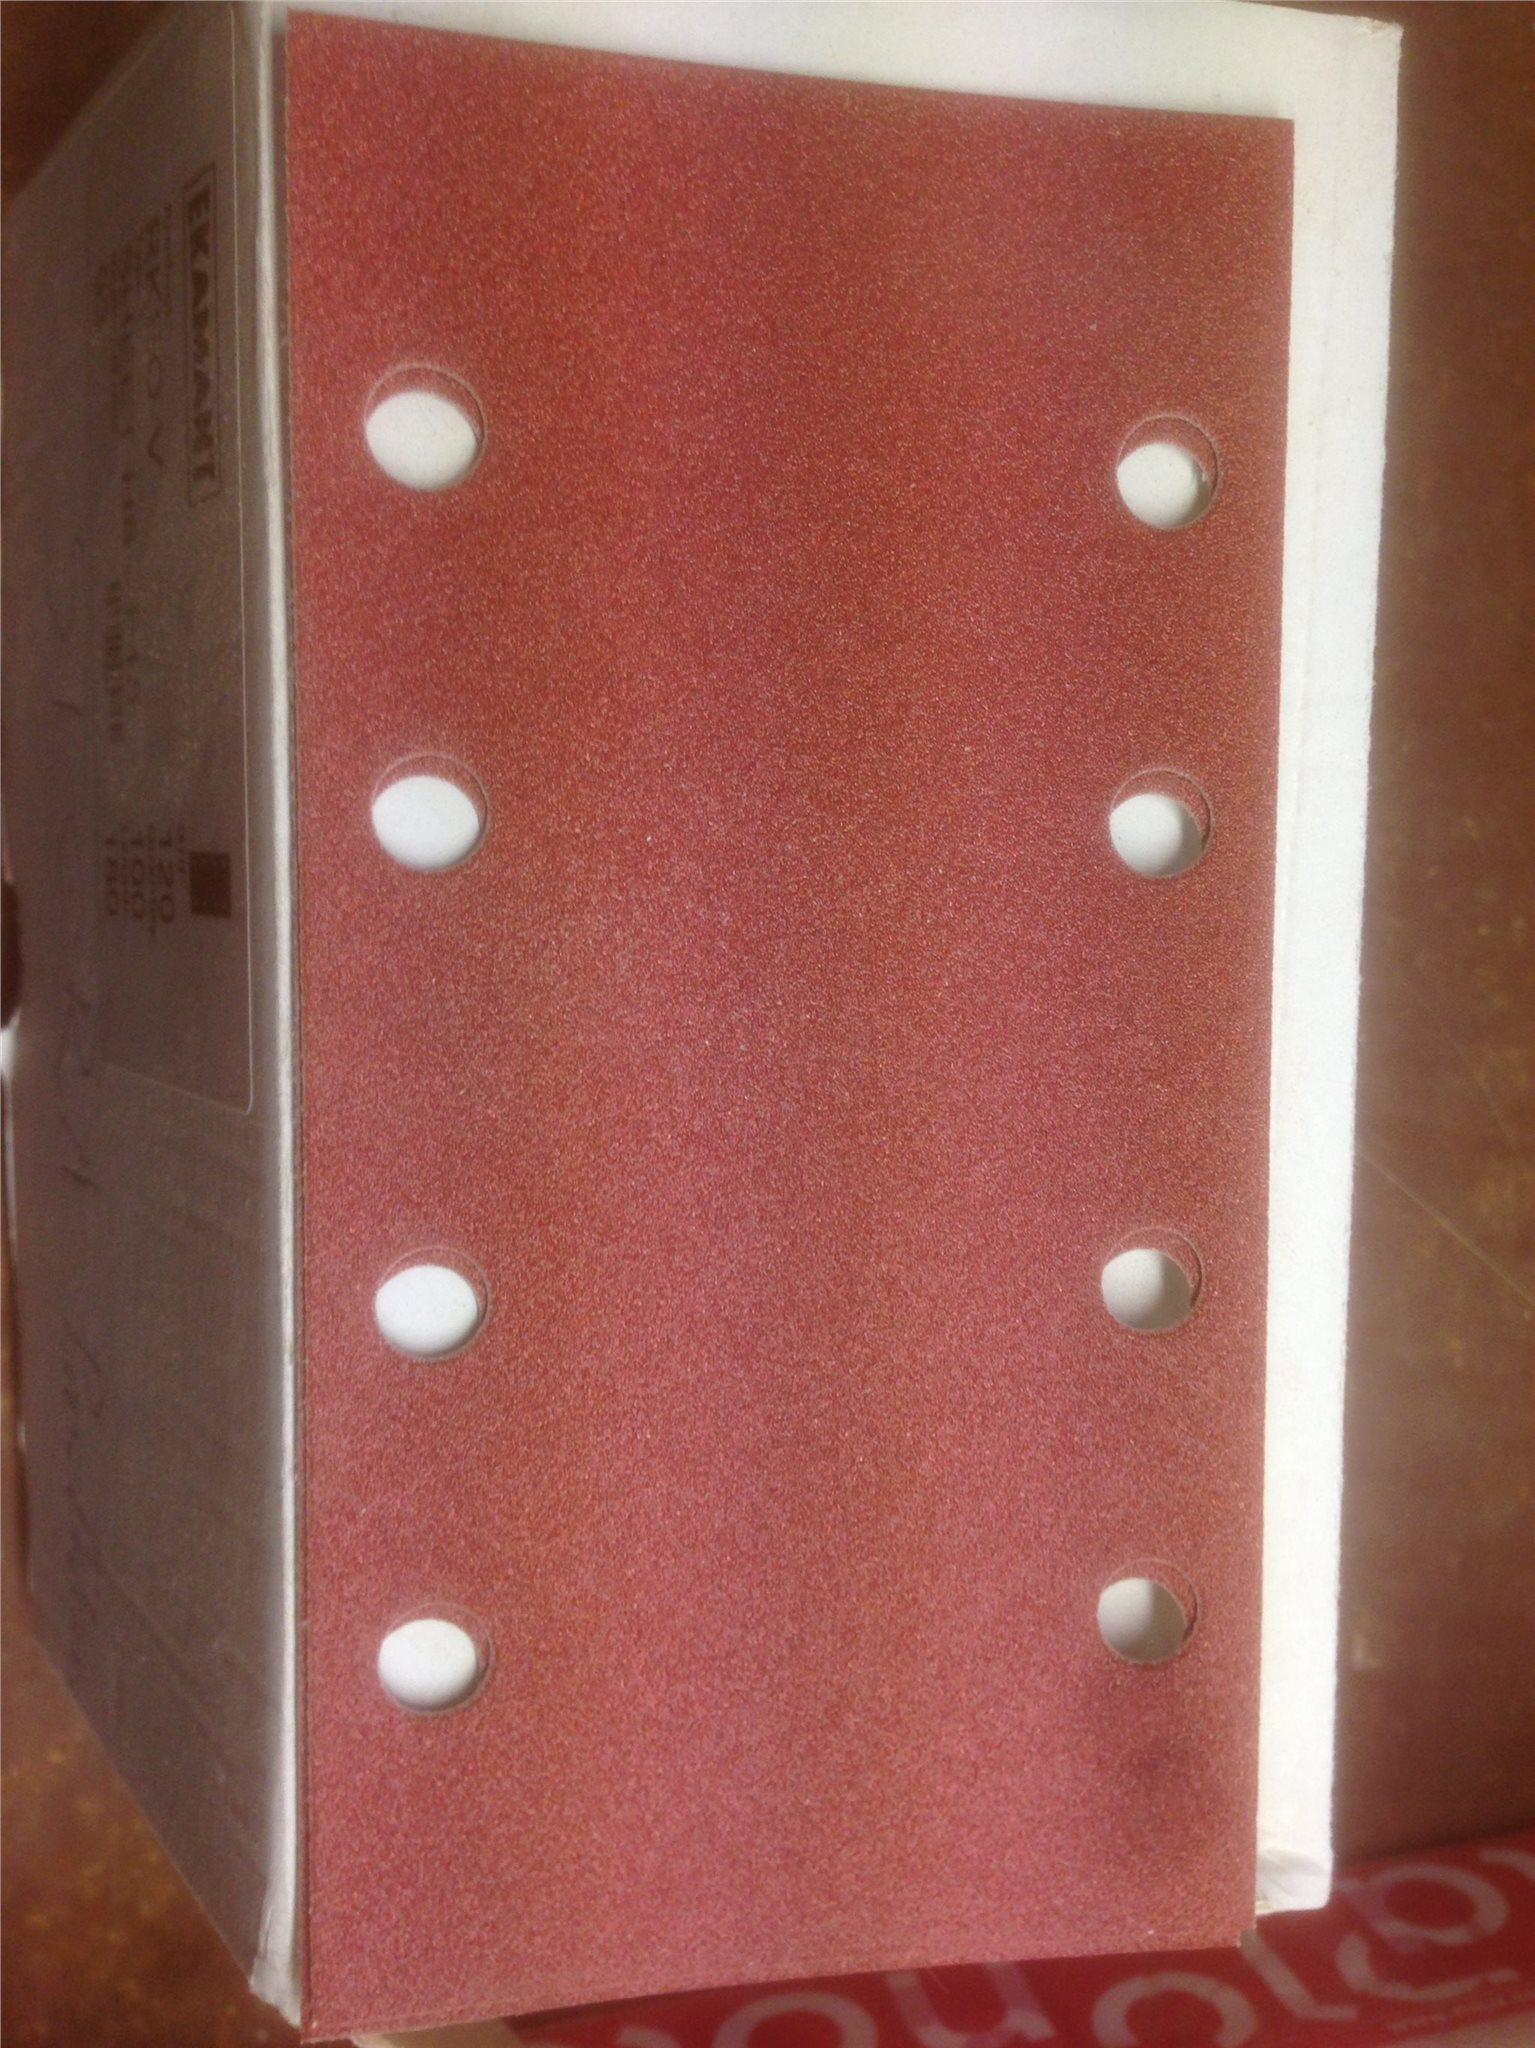 Slippapper ekamant (326266661) ᐈ Köp på Tradera 5504a4b899346